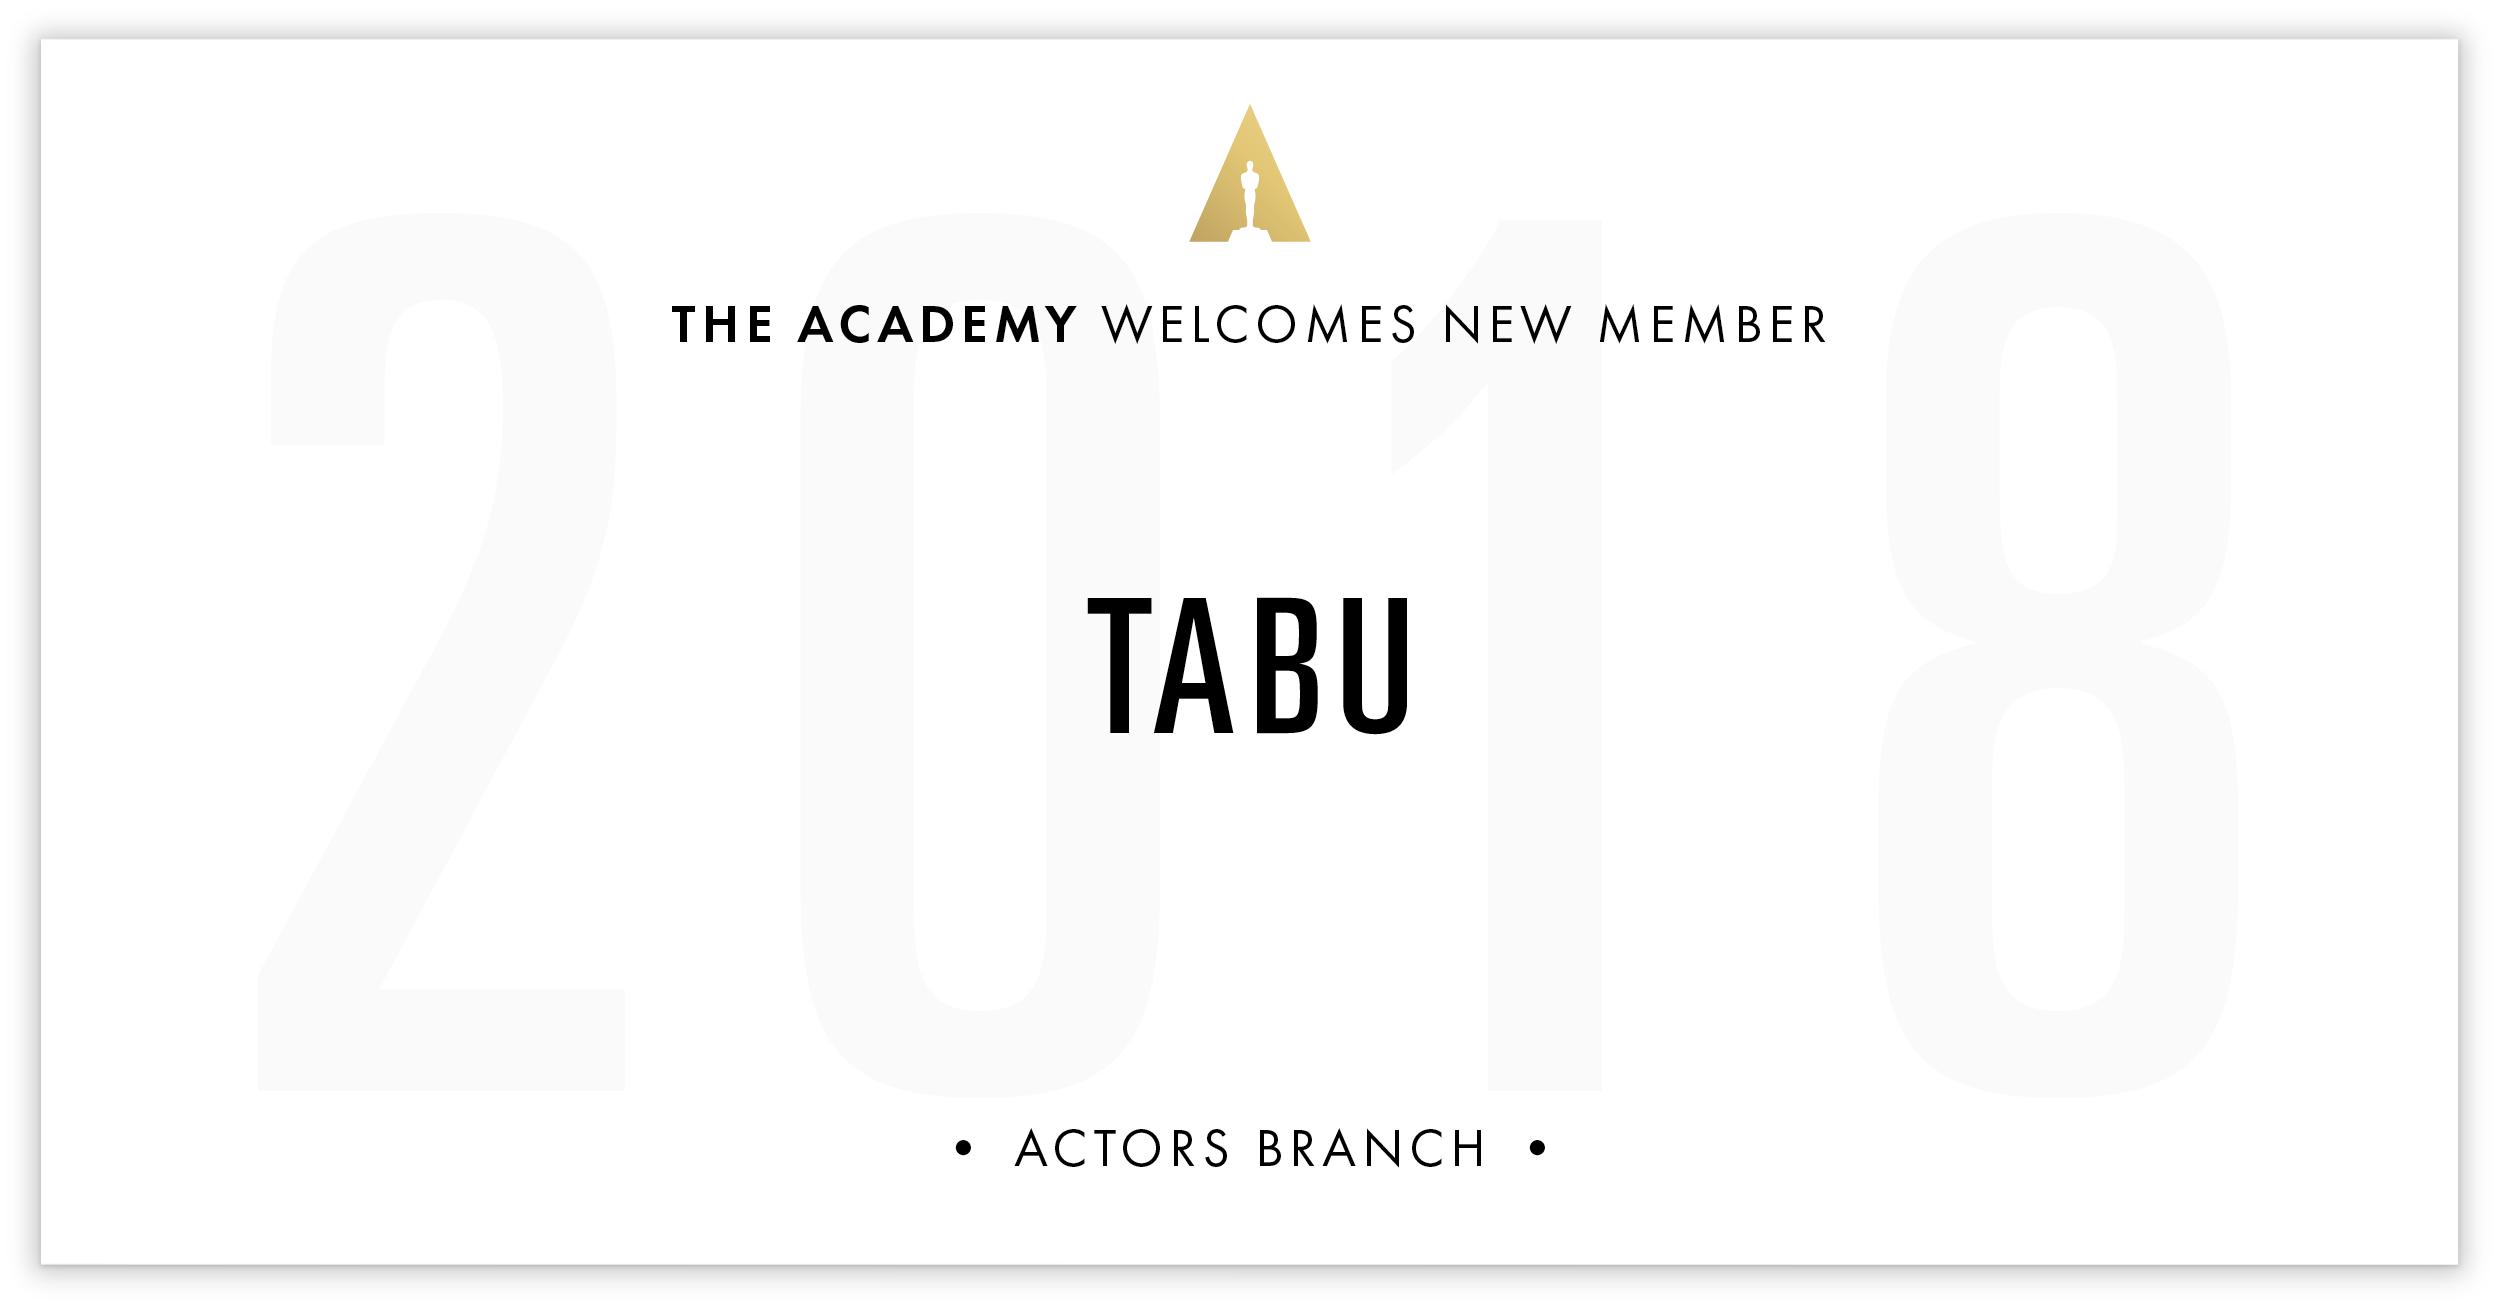 Tabu is invited!